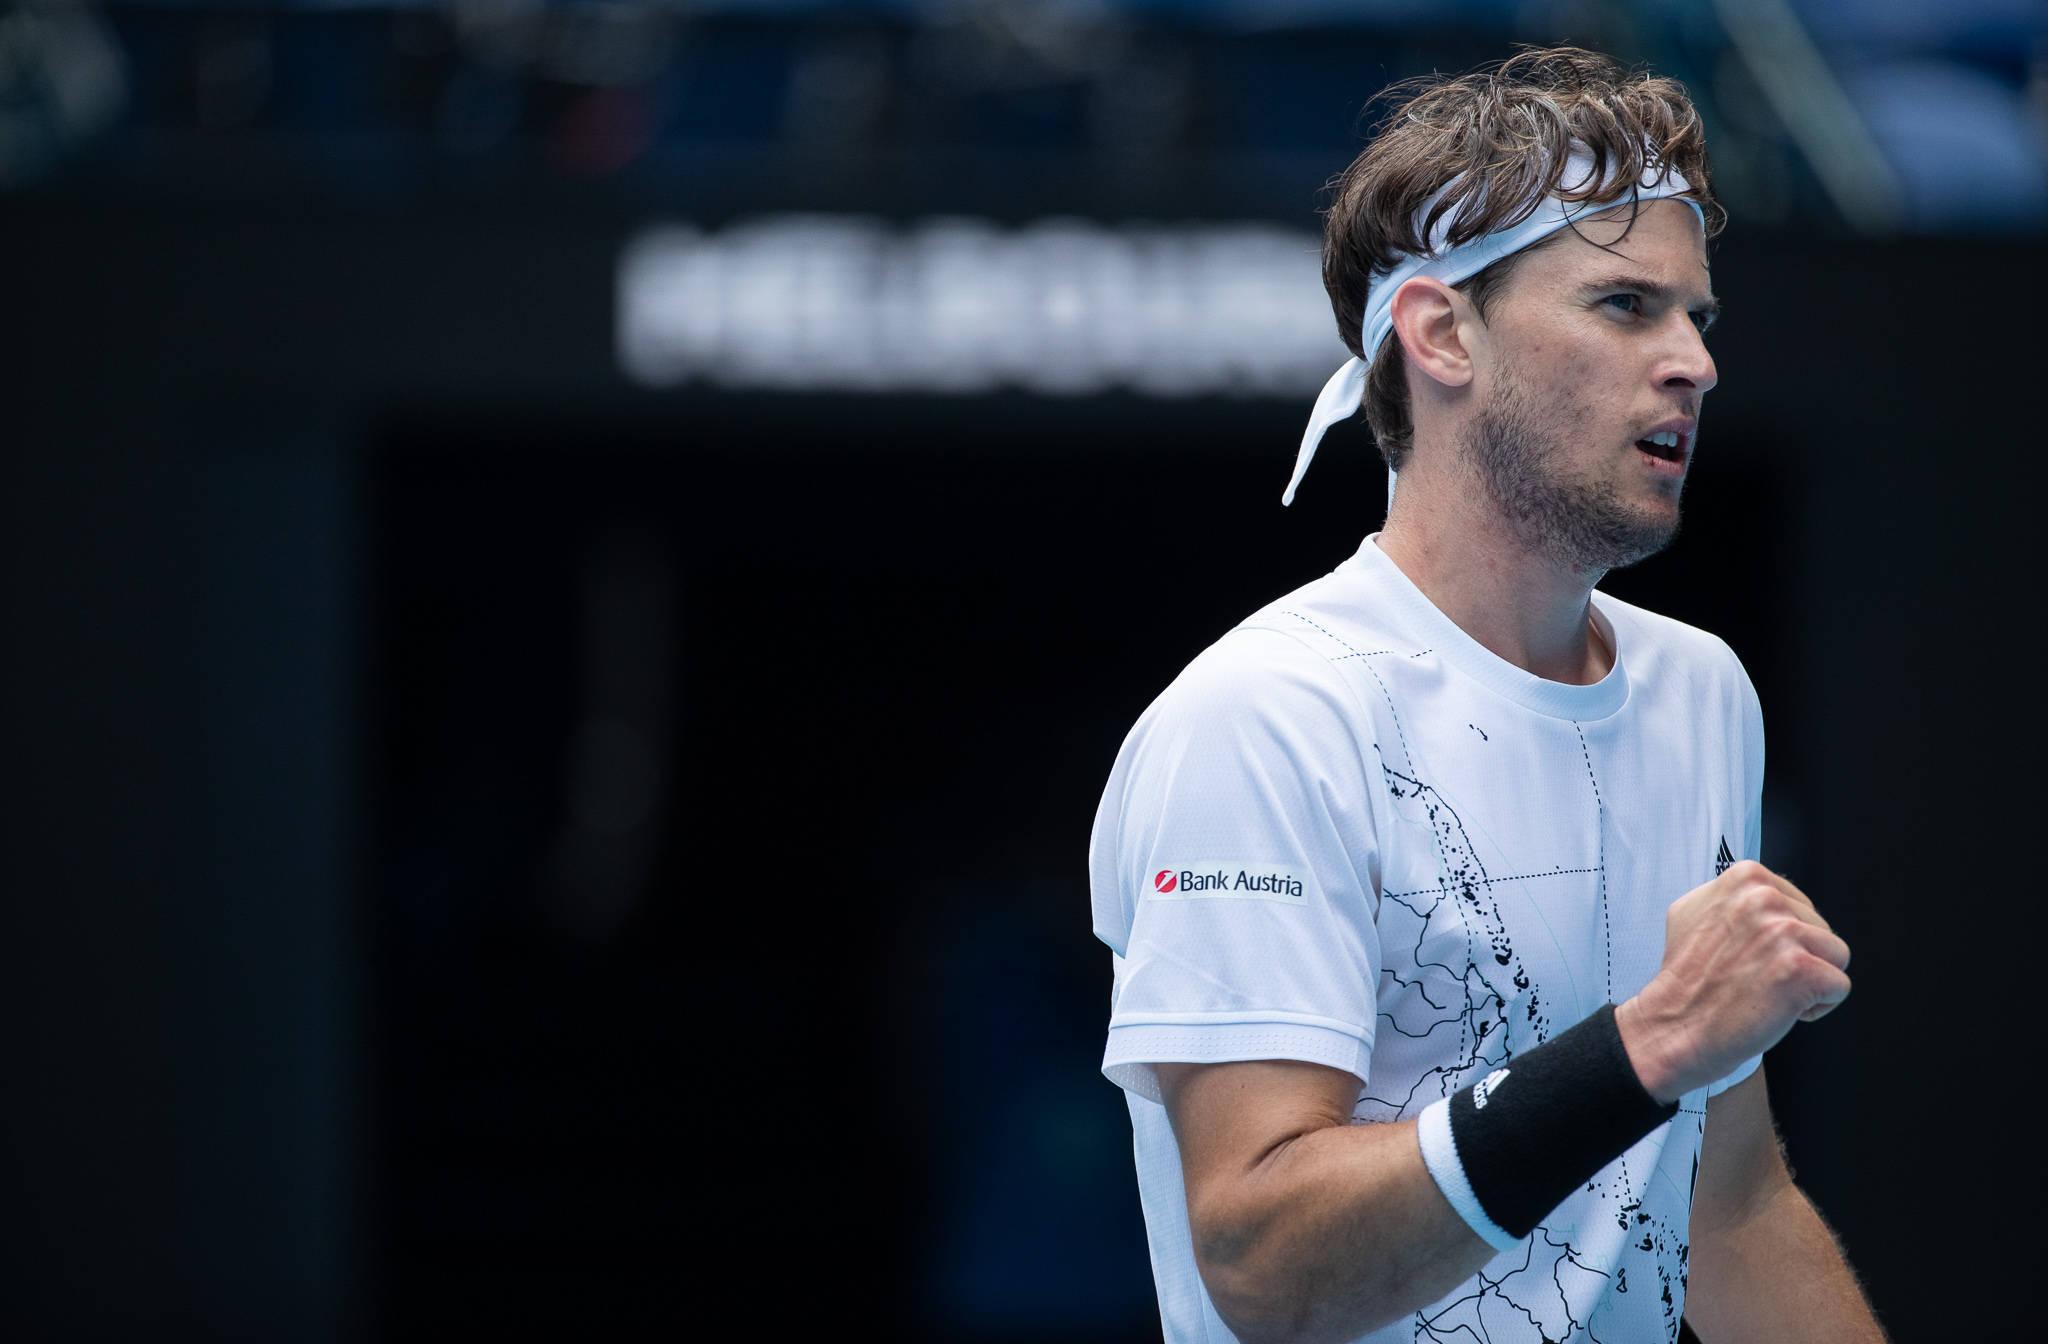 澳网:蒂姆强势连下11局 3-0横扫科普费尔进第三轮_比赛